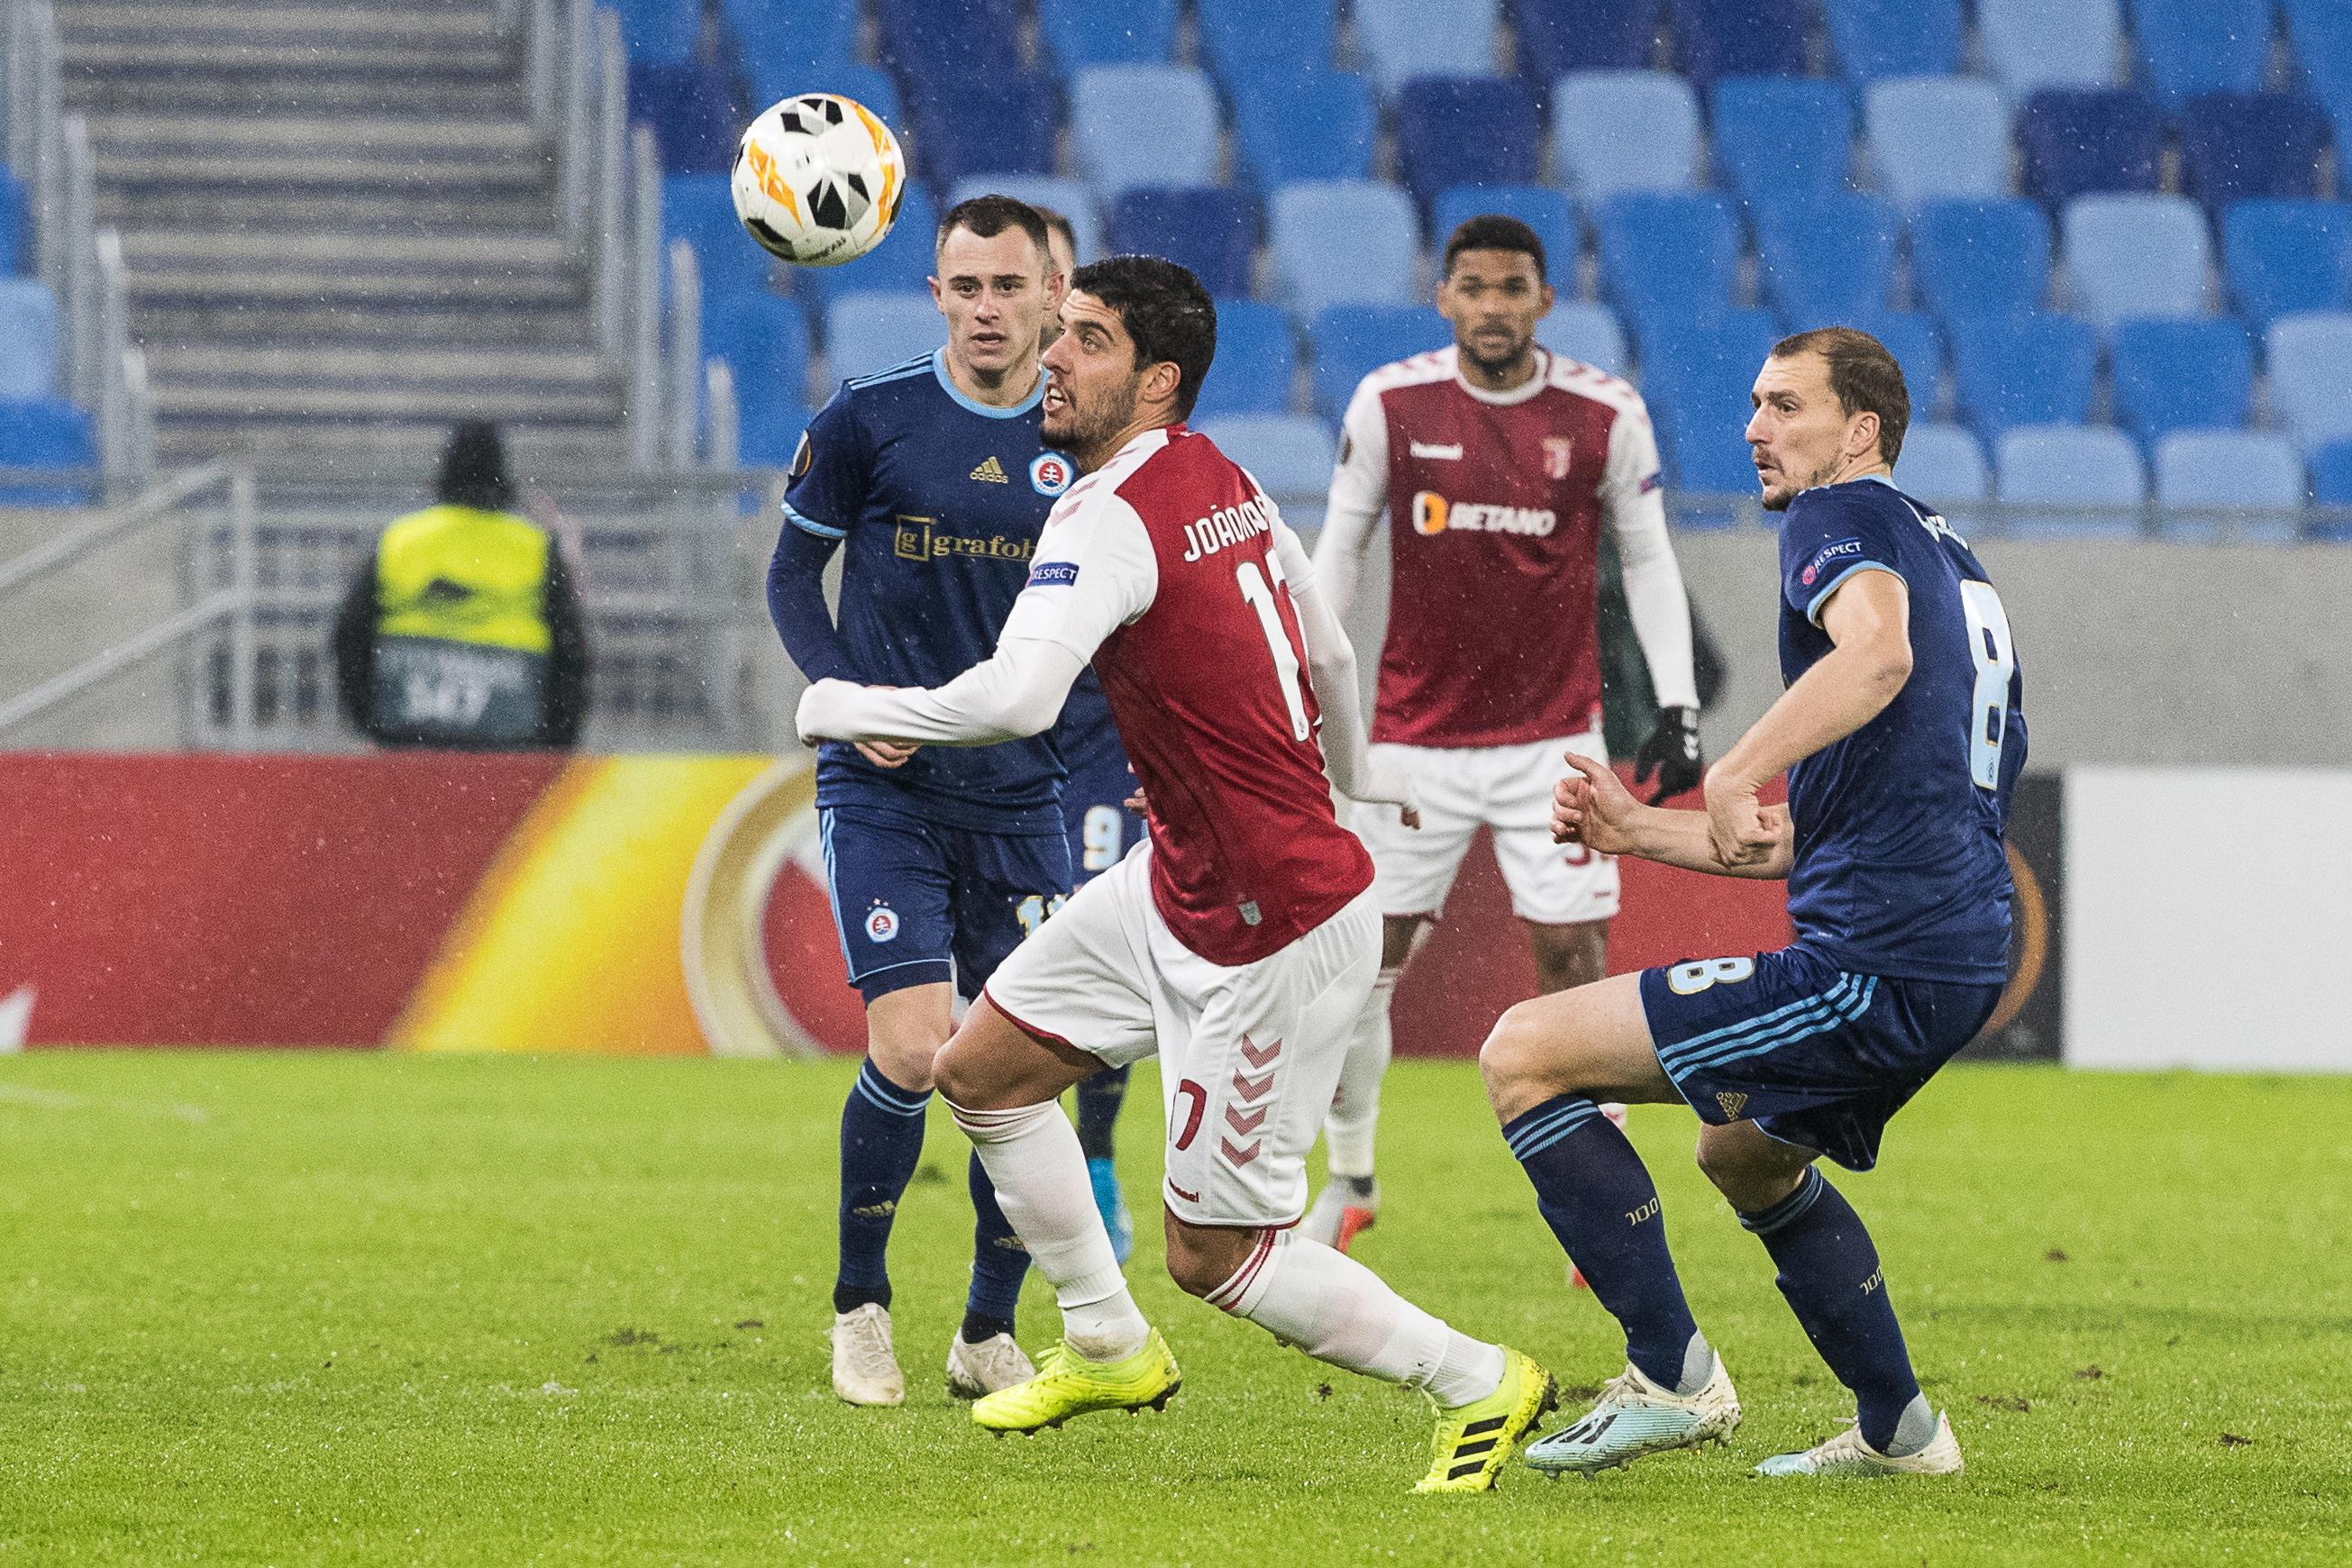 Braga reforça recorde luso com 13.º jogo consecutivo sem perder na Europa